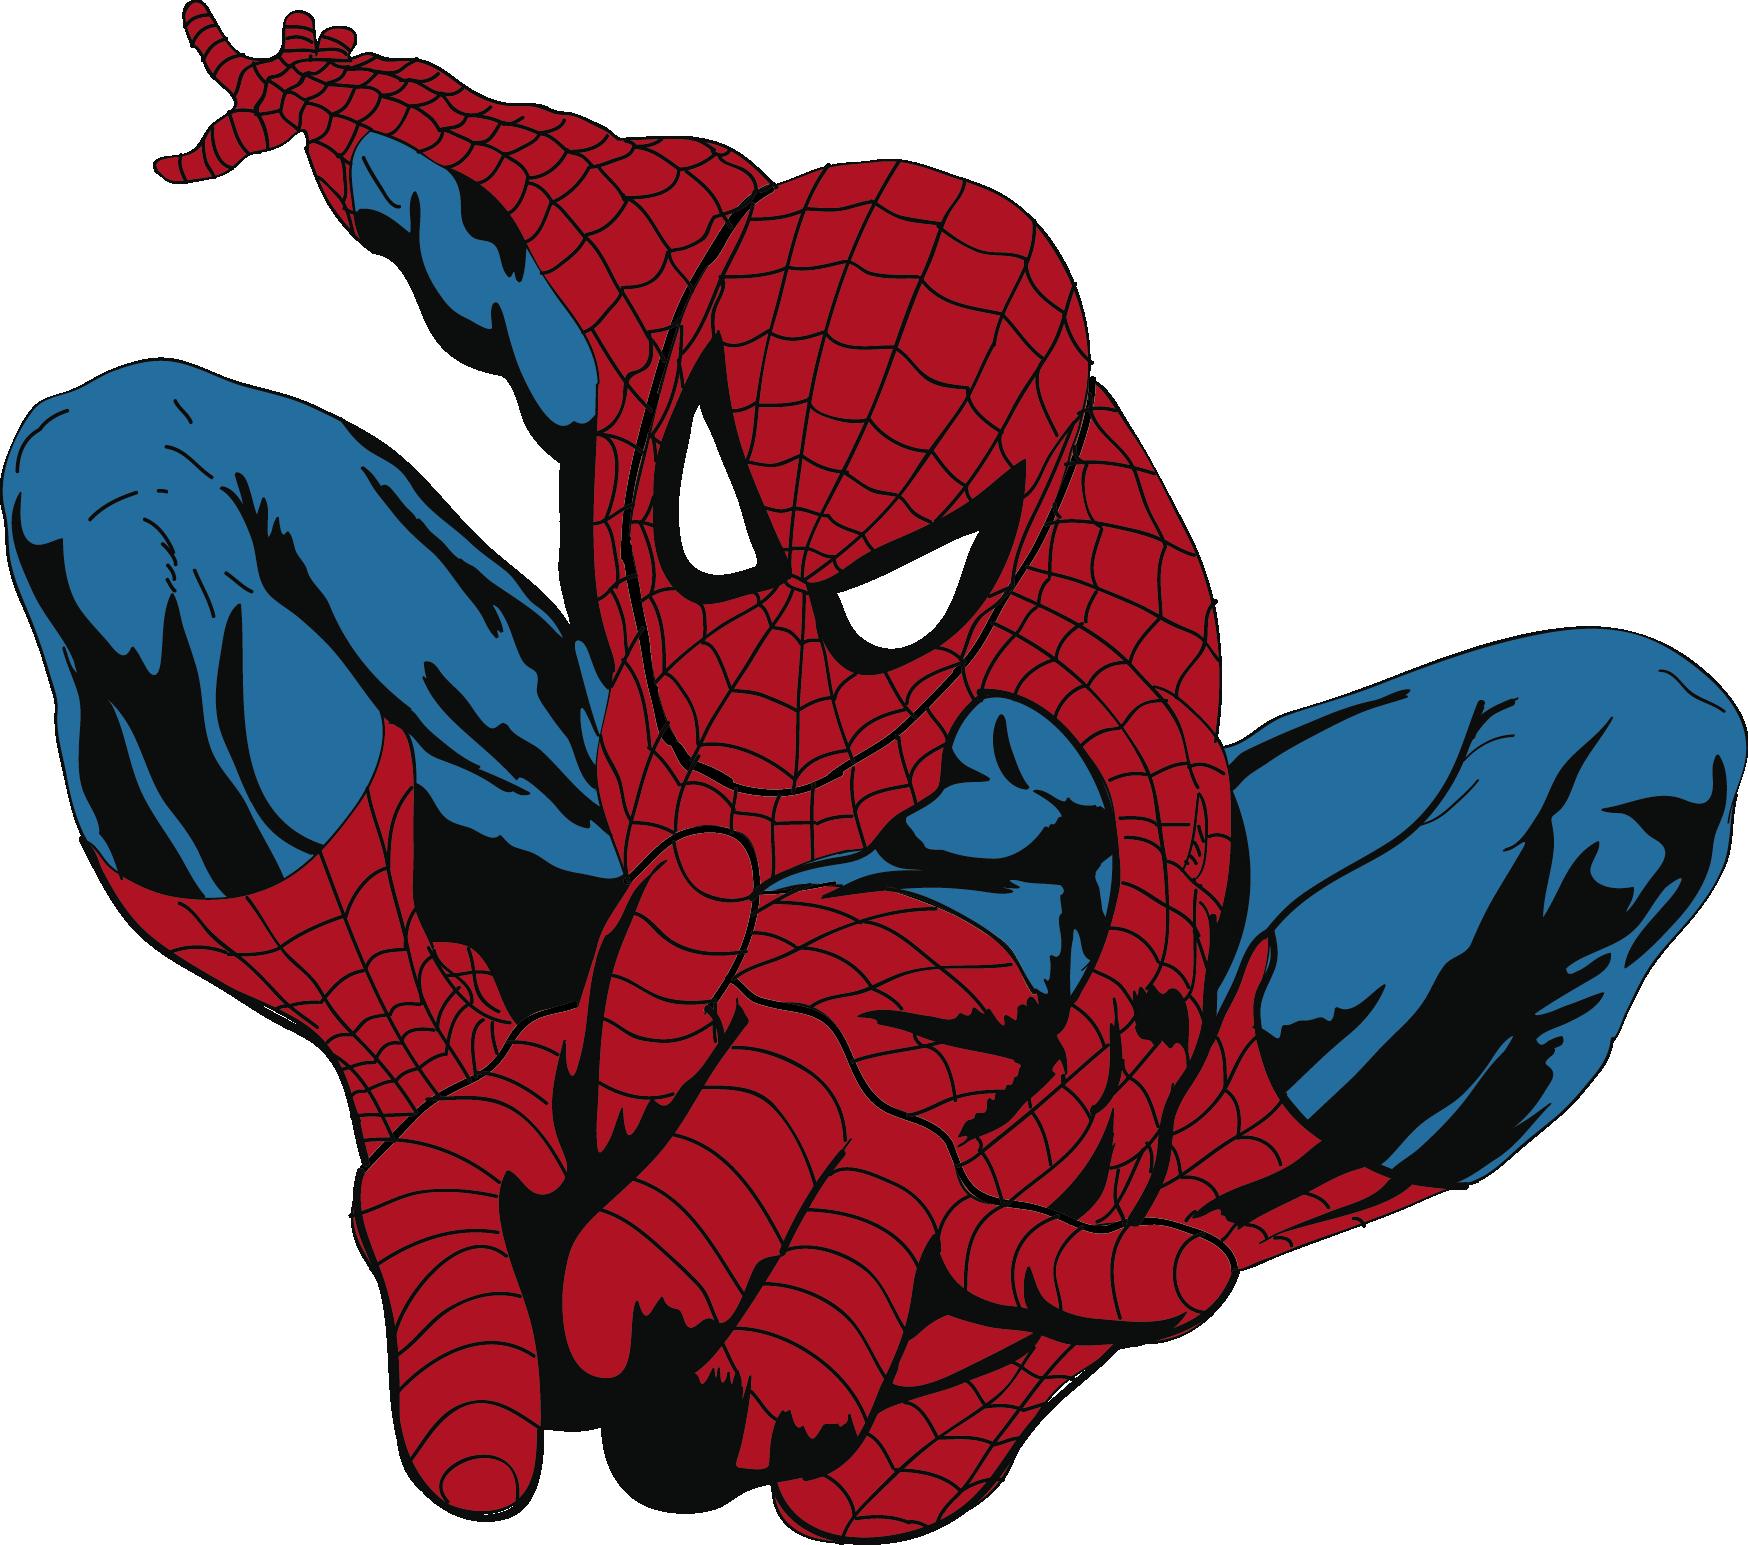 spiderman vector | vectores | Pinterest | Spiderman ...